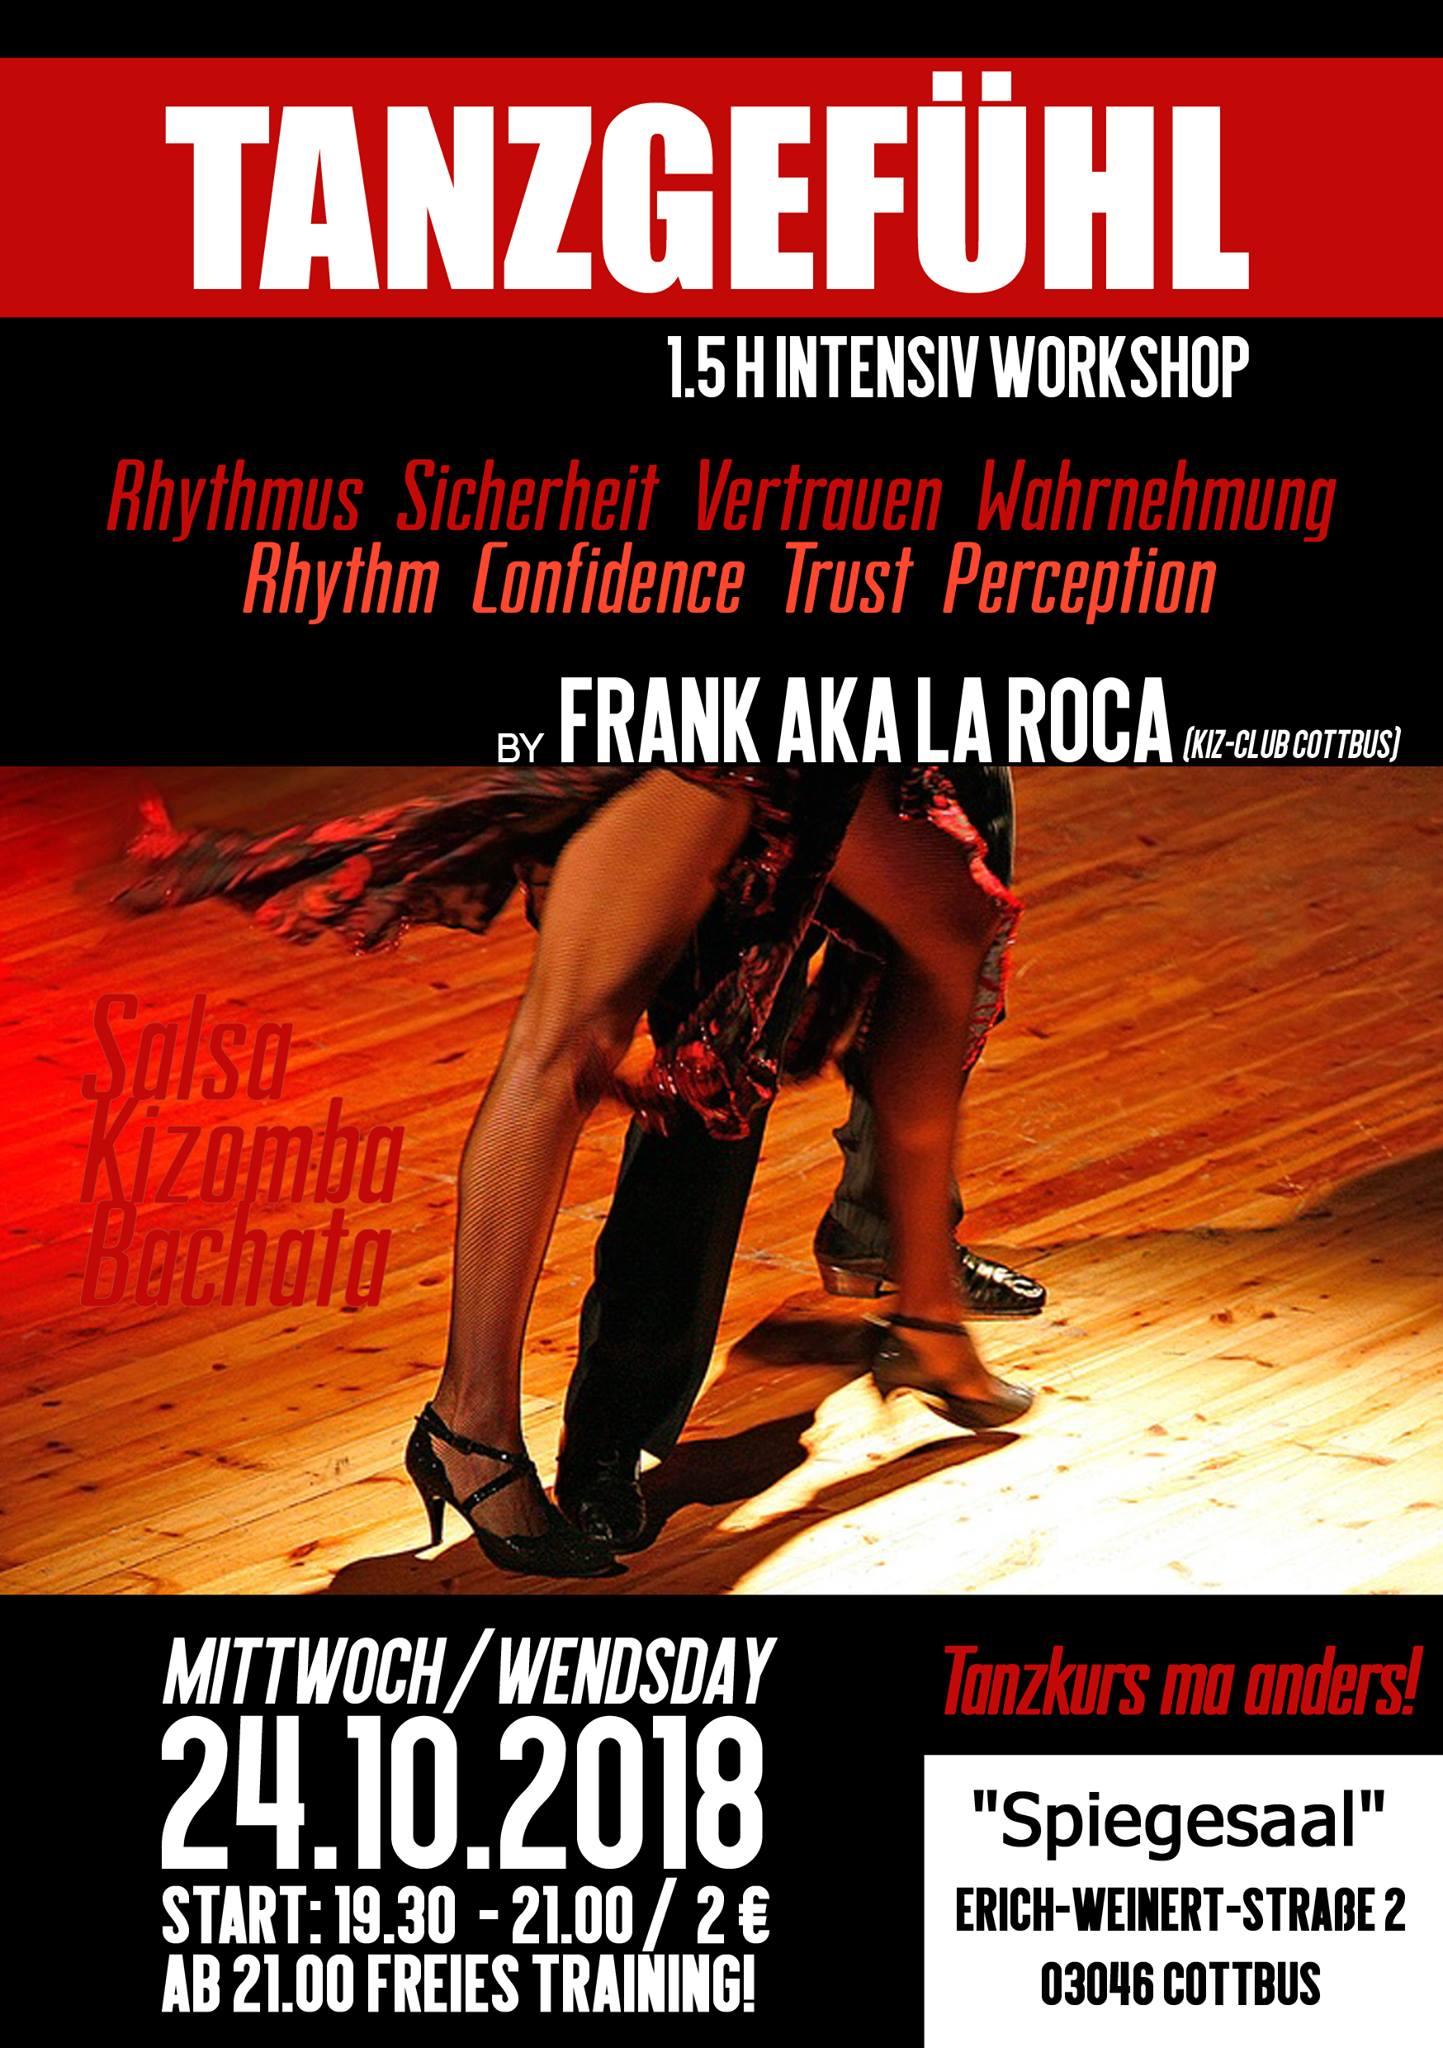 2018-10-24 Tanzgefühl Intensiv-Workshop Frank La Roca Cottbus